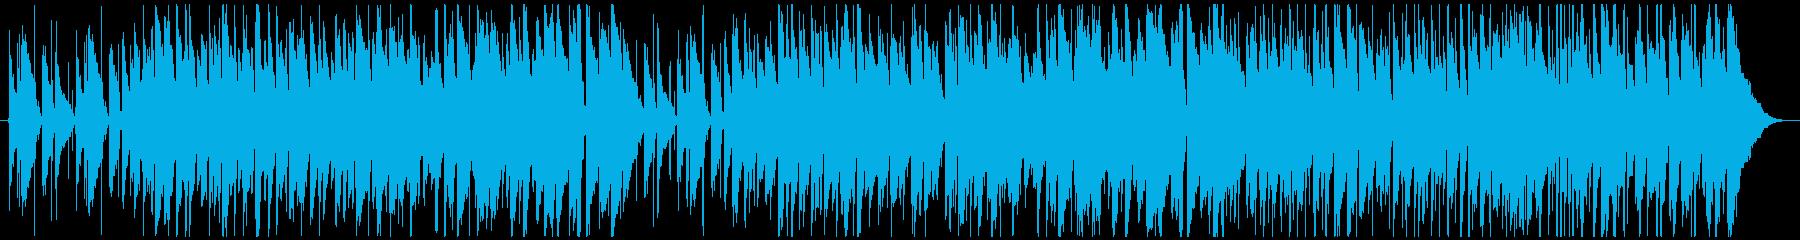 アコースティックギターほのぼの温かの再生済みの波形